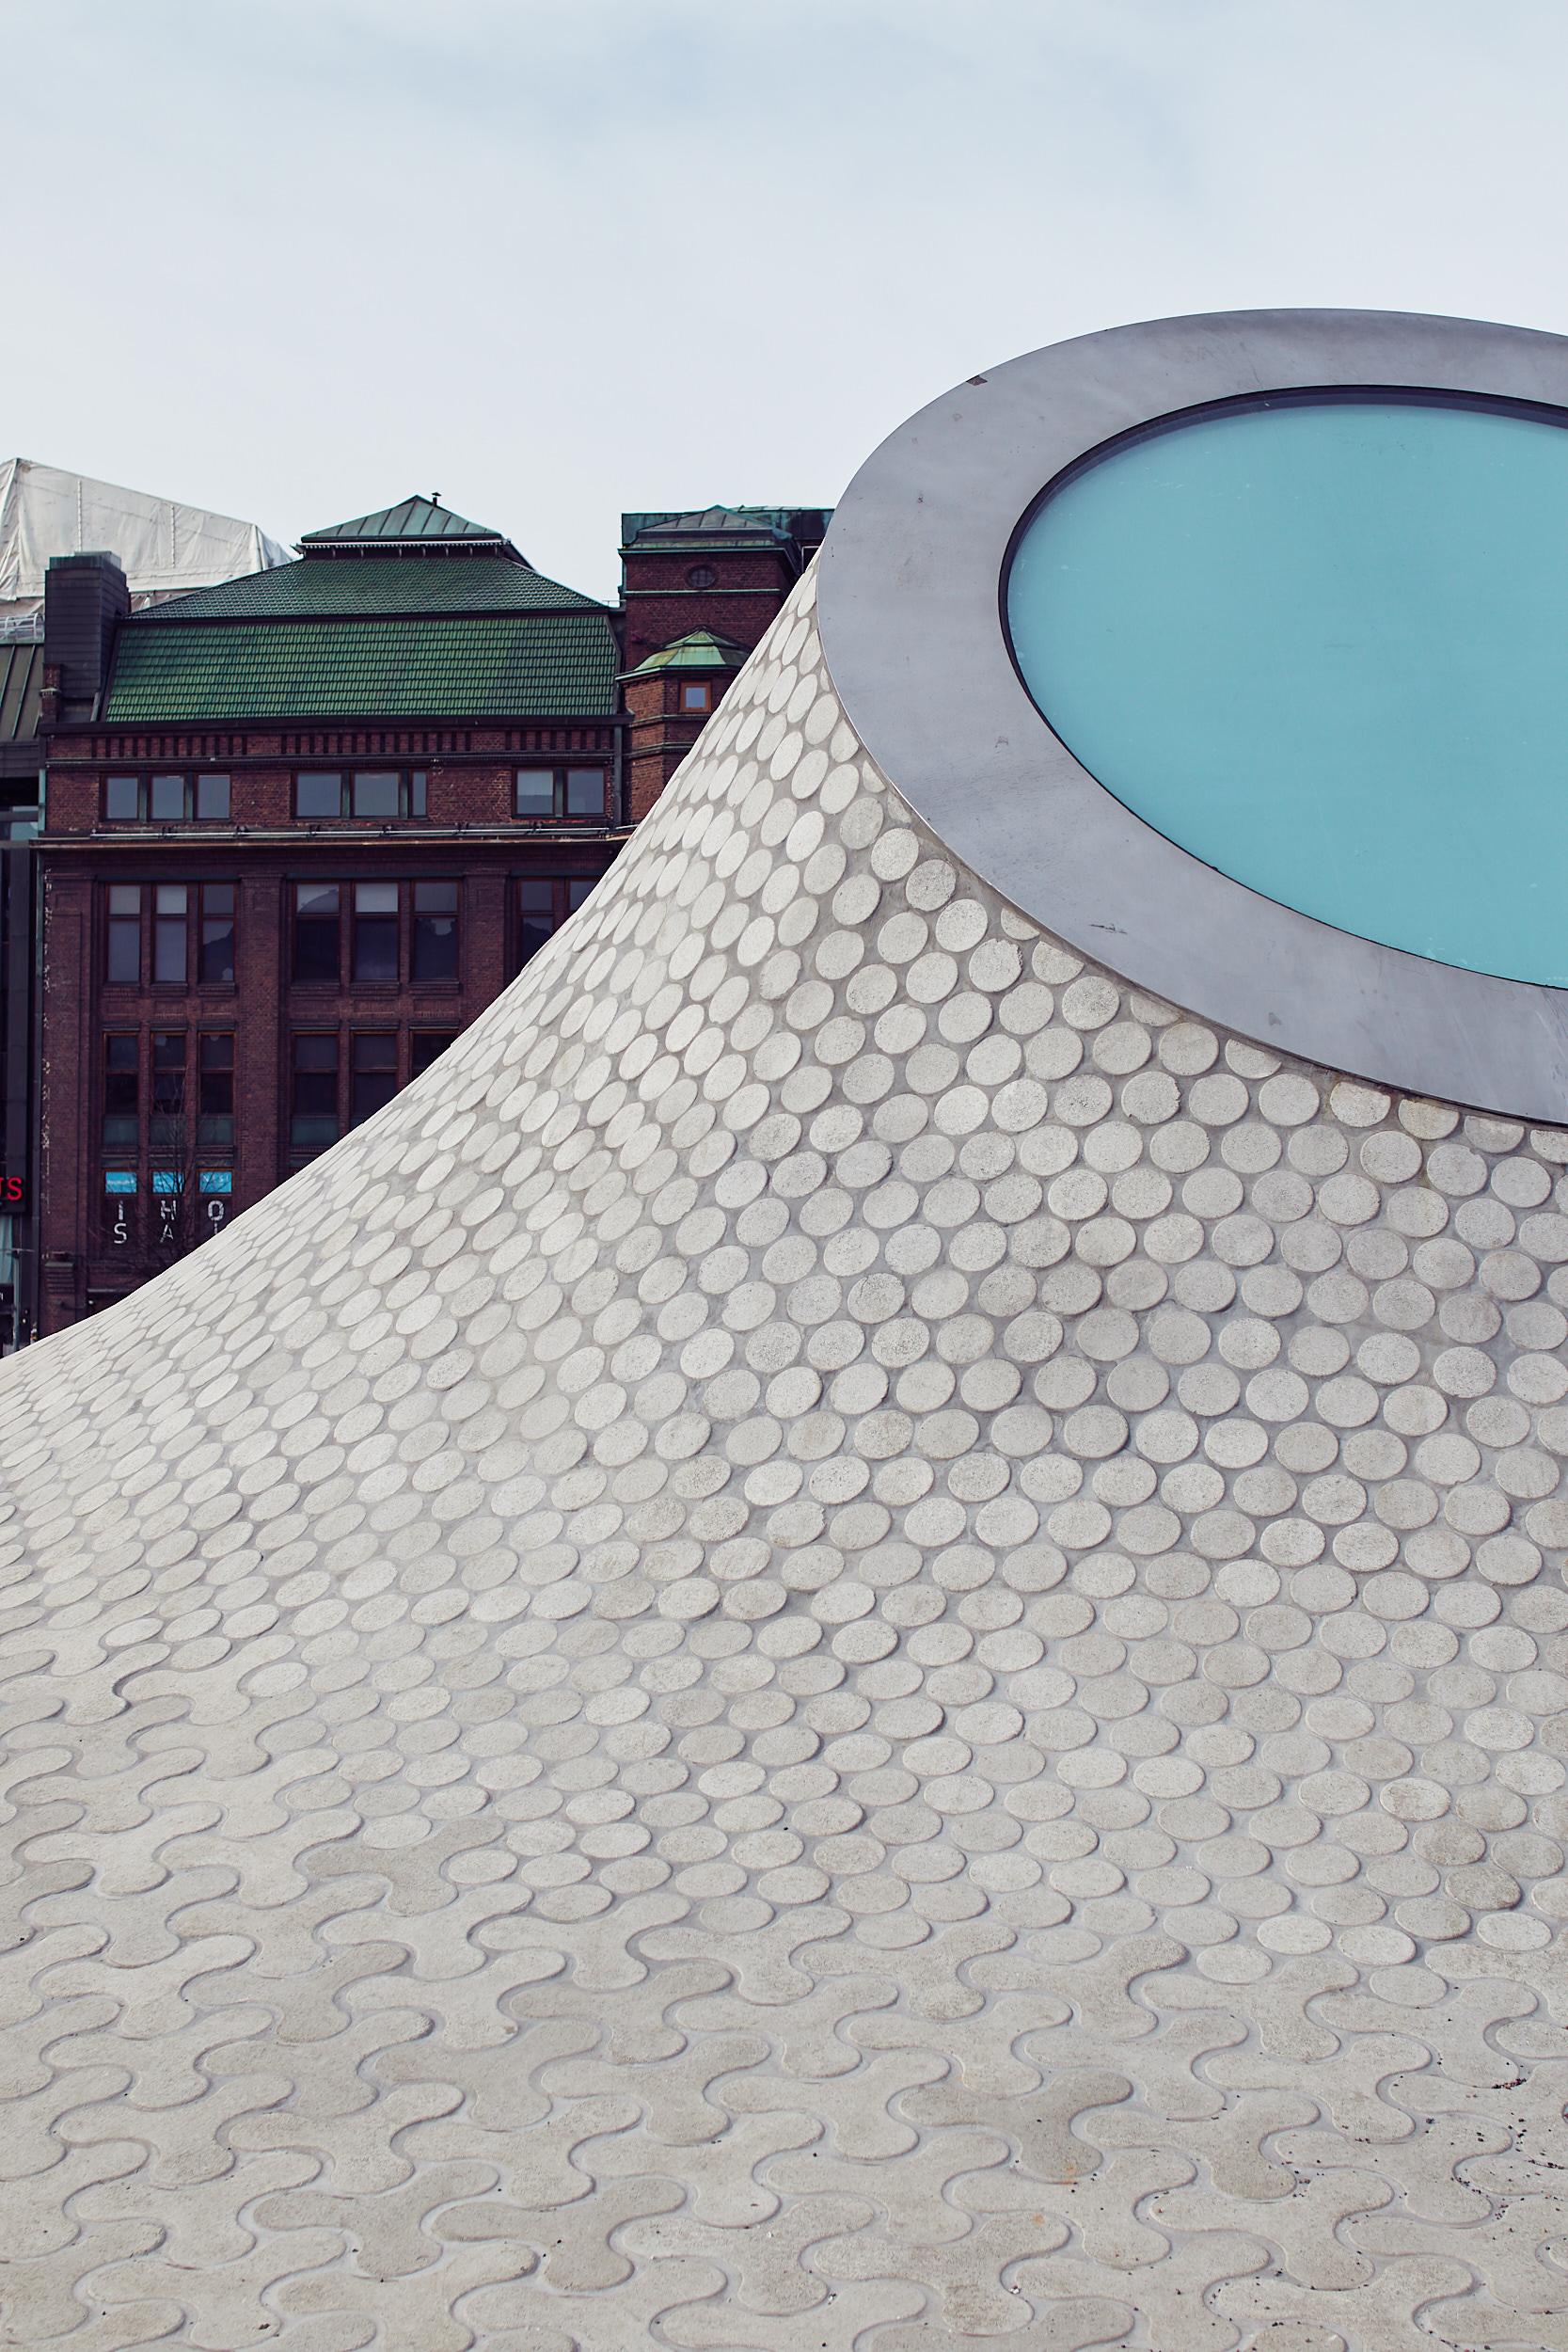 35 mm - 2019-03-29 14.40.42 - Helsinki Anne.jpg